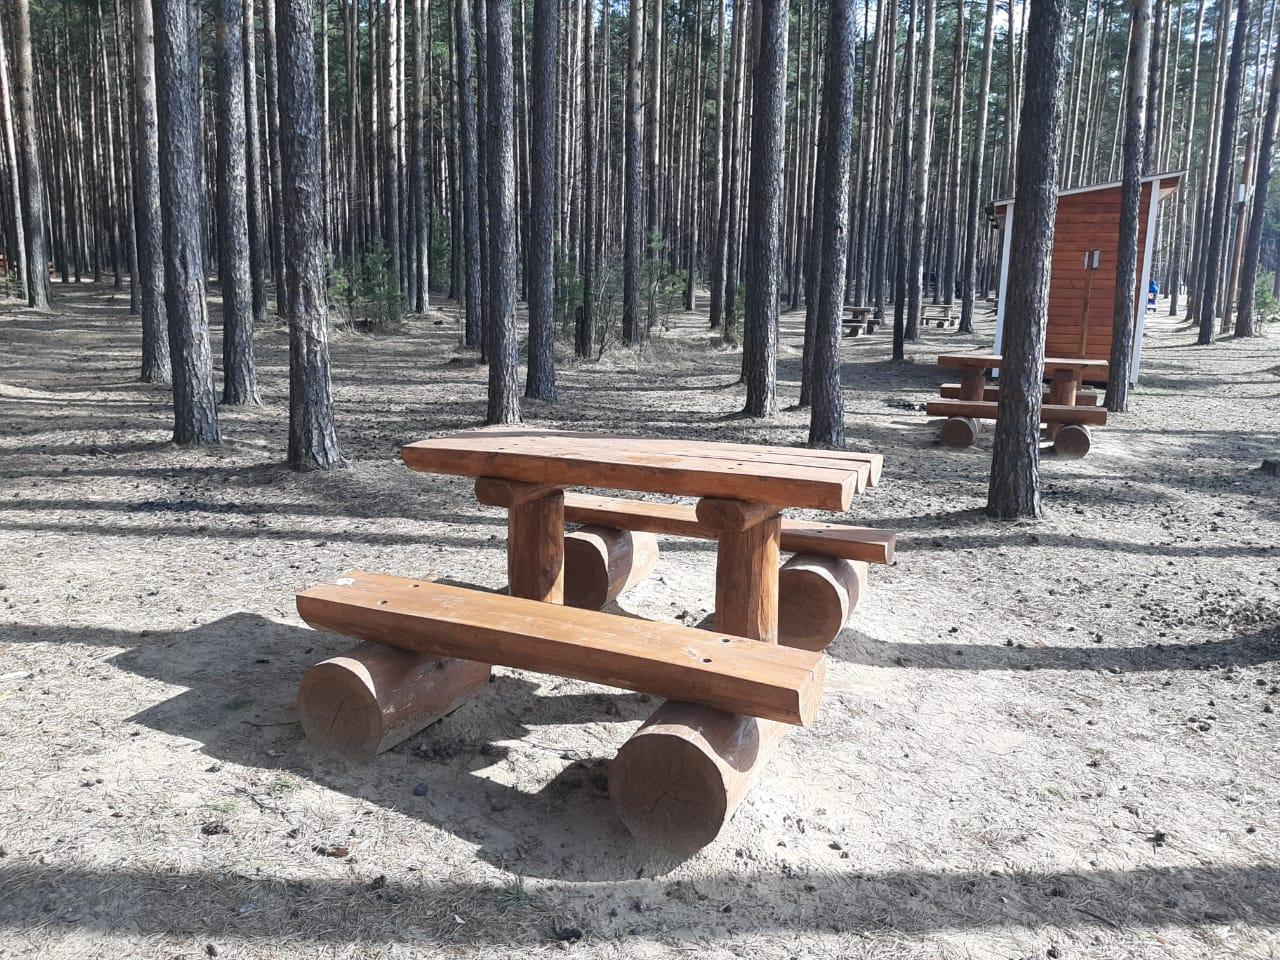 В лесах Ярославской области благоустроят две сотни мест для отдыха